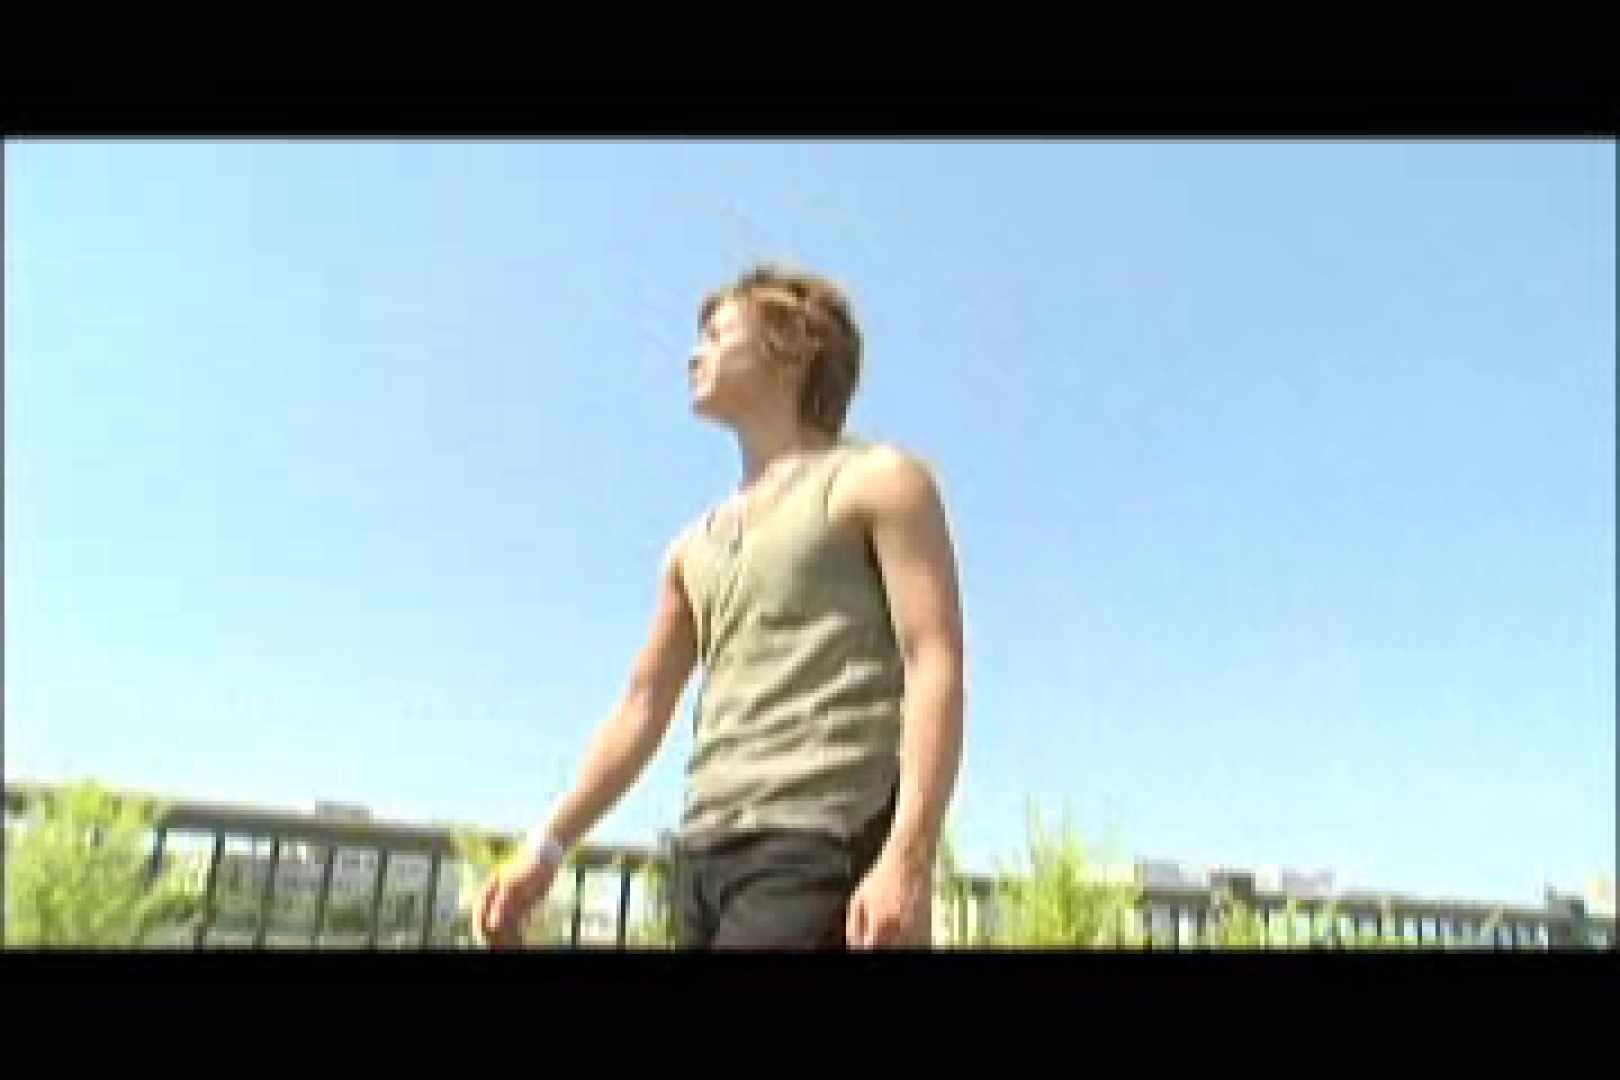 イケメン☆パラダイス〜男ざかりの君たちへ〜vol.14 エロすぎフェラ | 男同士  12枚 1